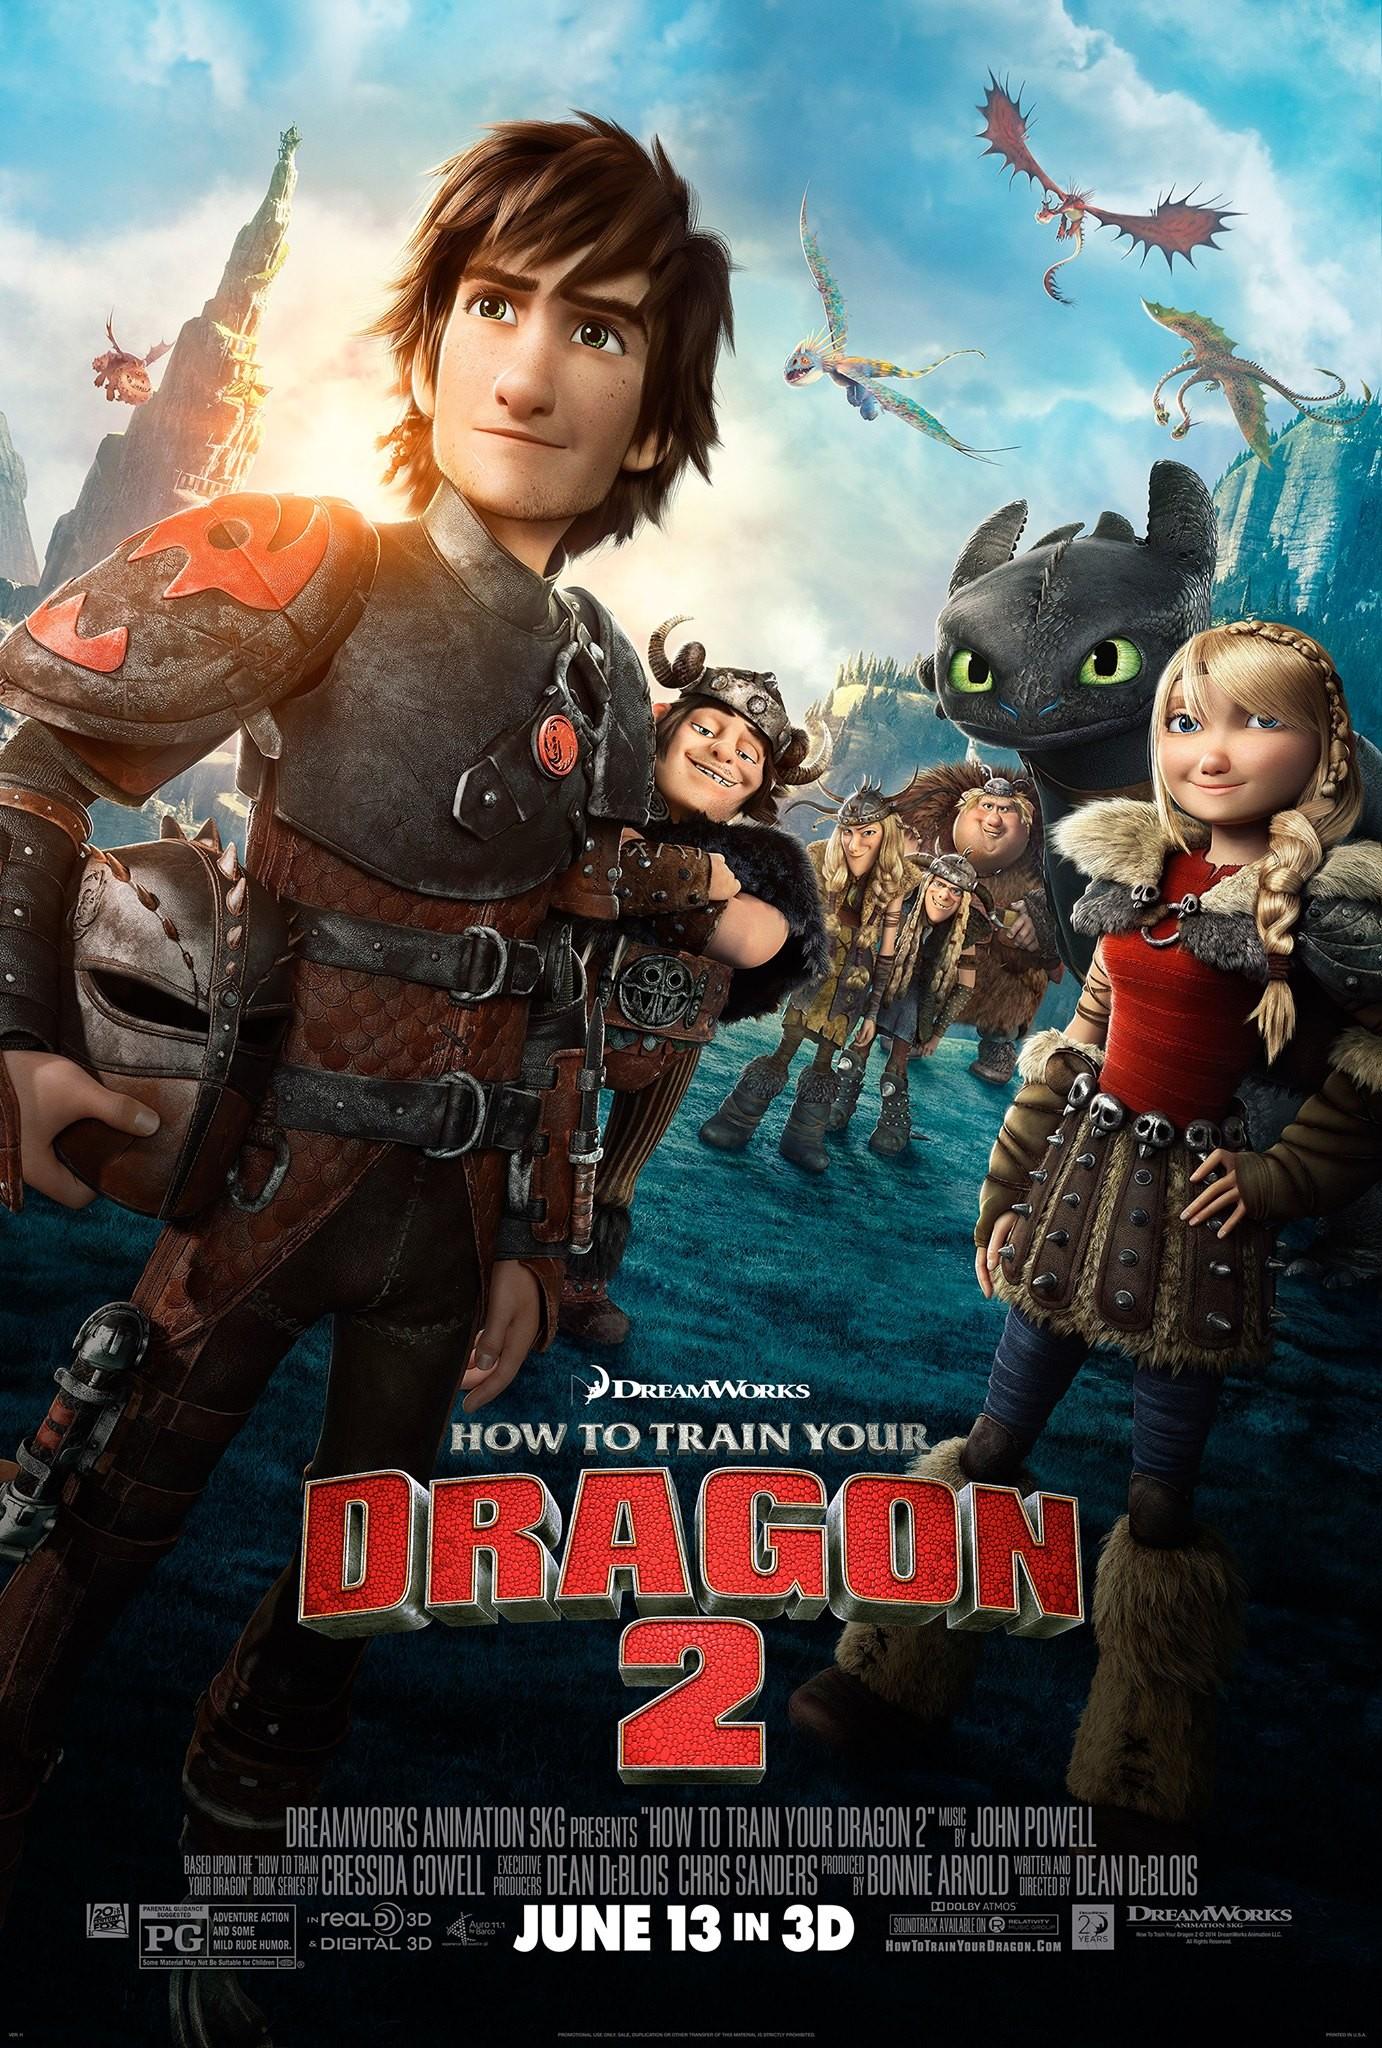 드래곤 길들이기 2 (How to Train Your Dragon 2, 2..